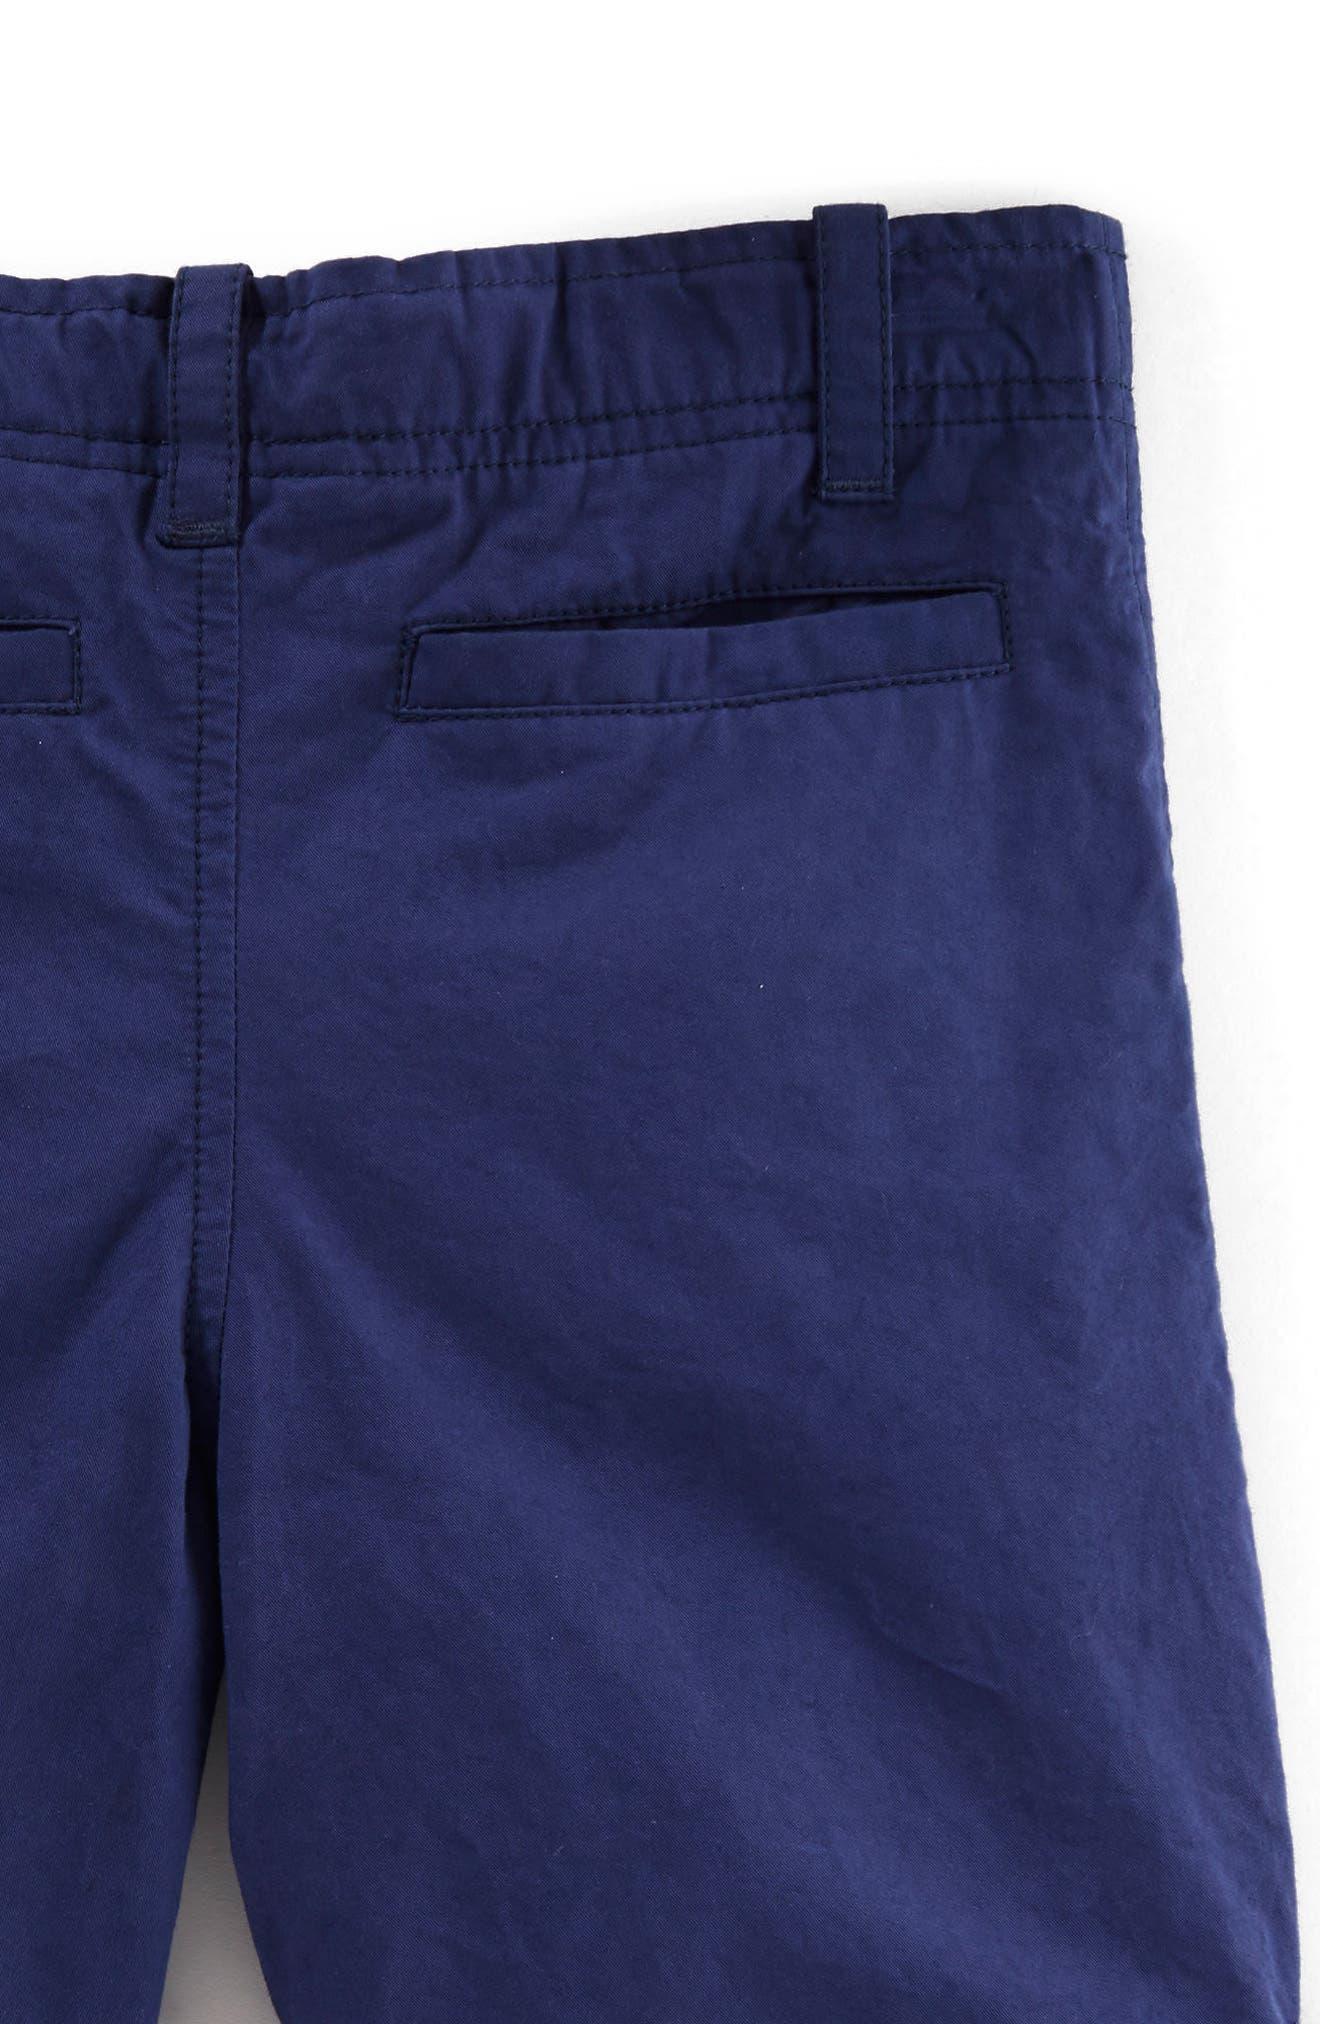 Hudson Shorts,                             Alternate thumbnail 2, color,                             Blue